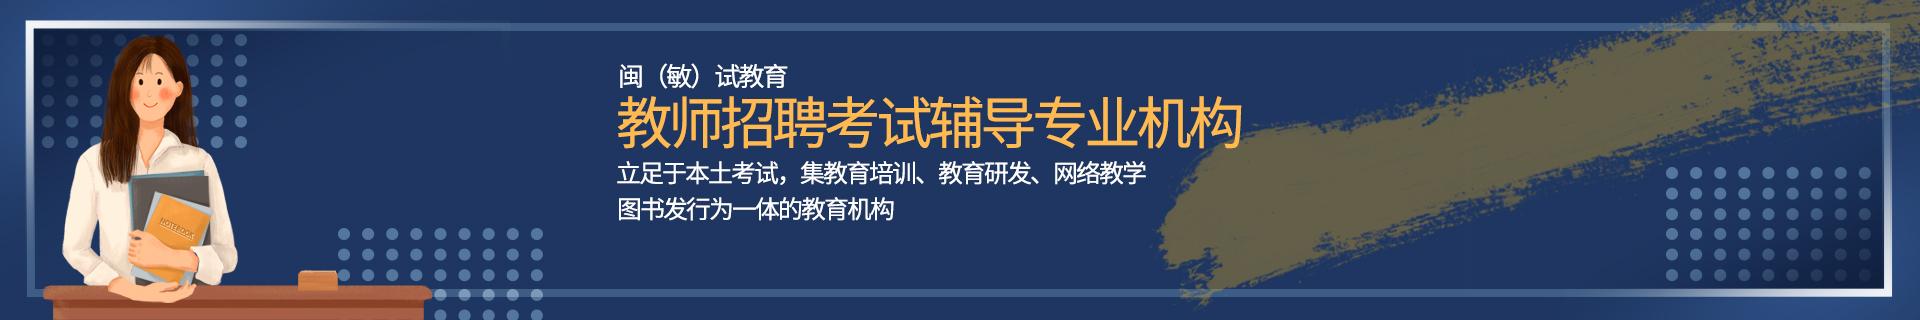 福州鼓楼区闽试教育培训机构